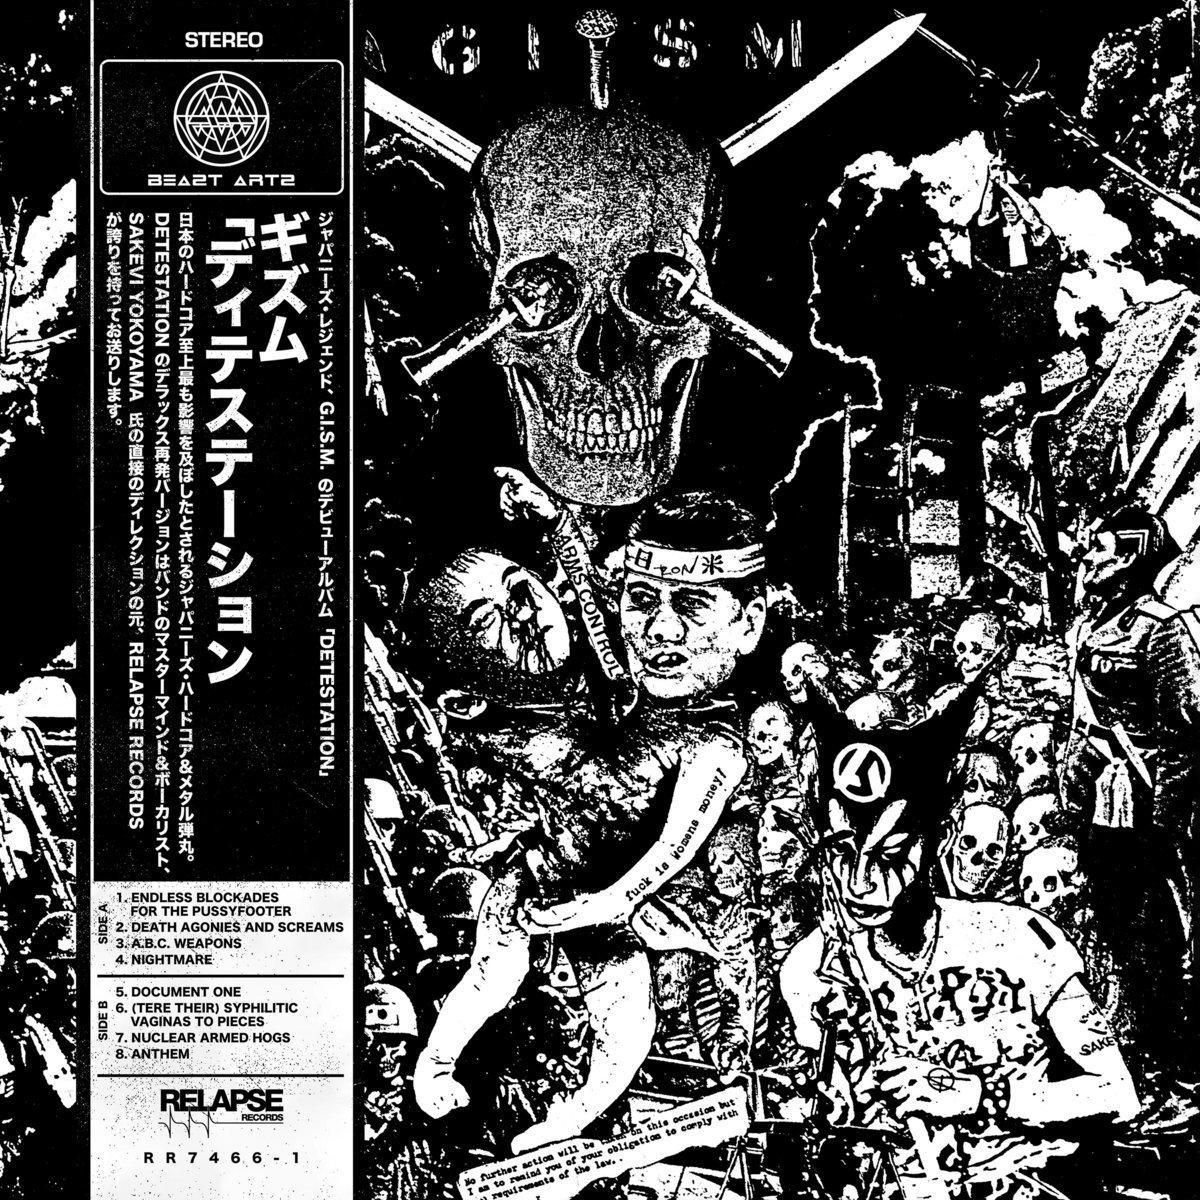 Image of G.I.S.M. - Detestation LP